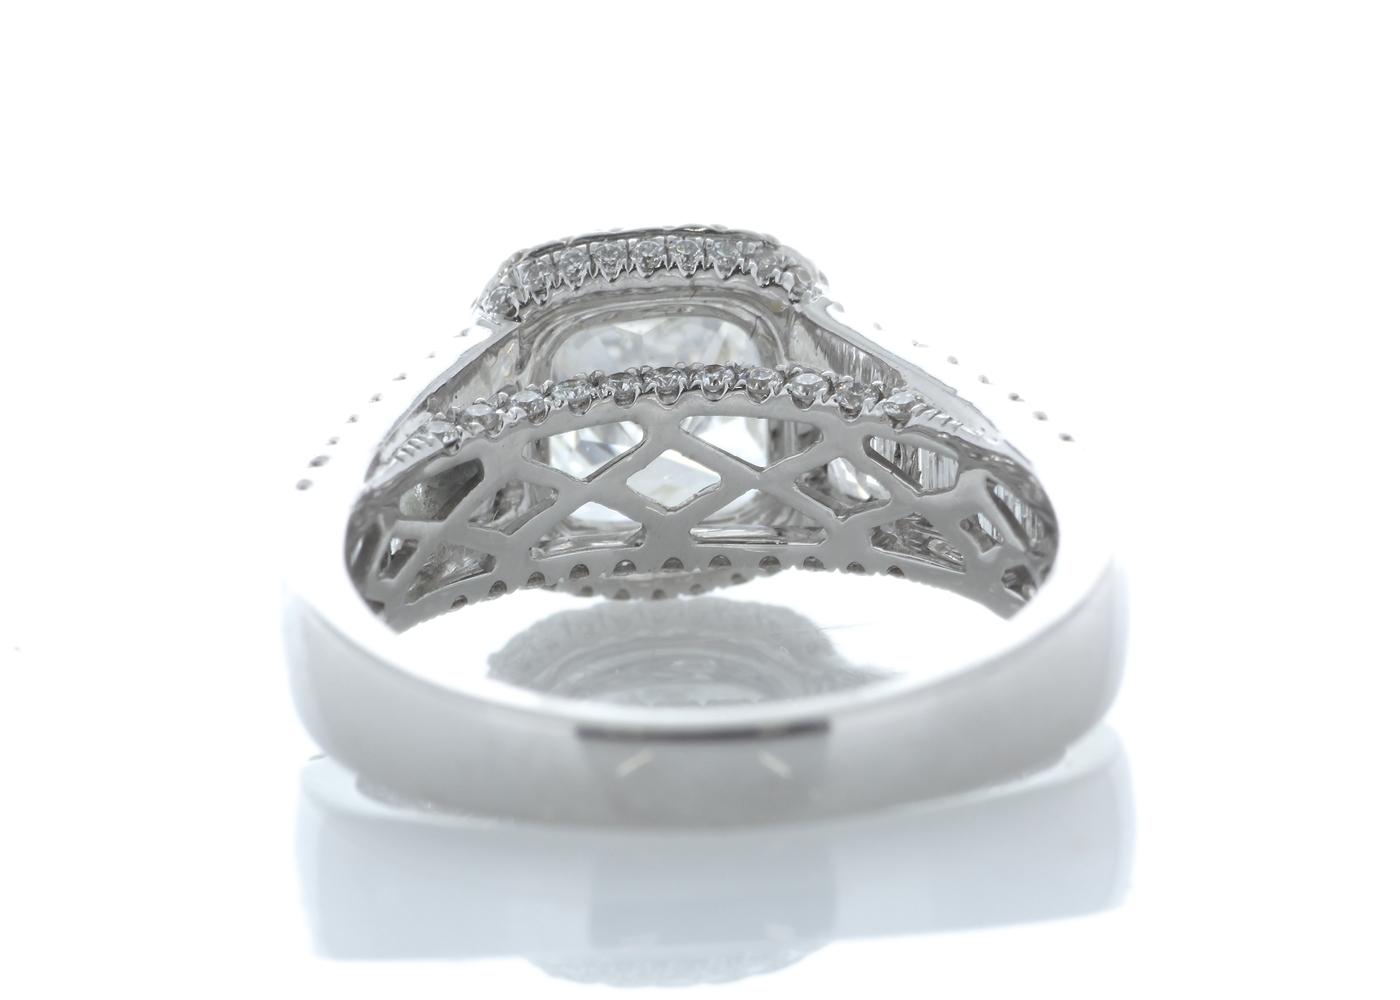 18k White Gold Halo Set Ring 3.14 Carats - Image 3 of 5